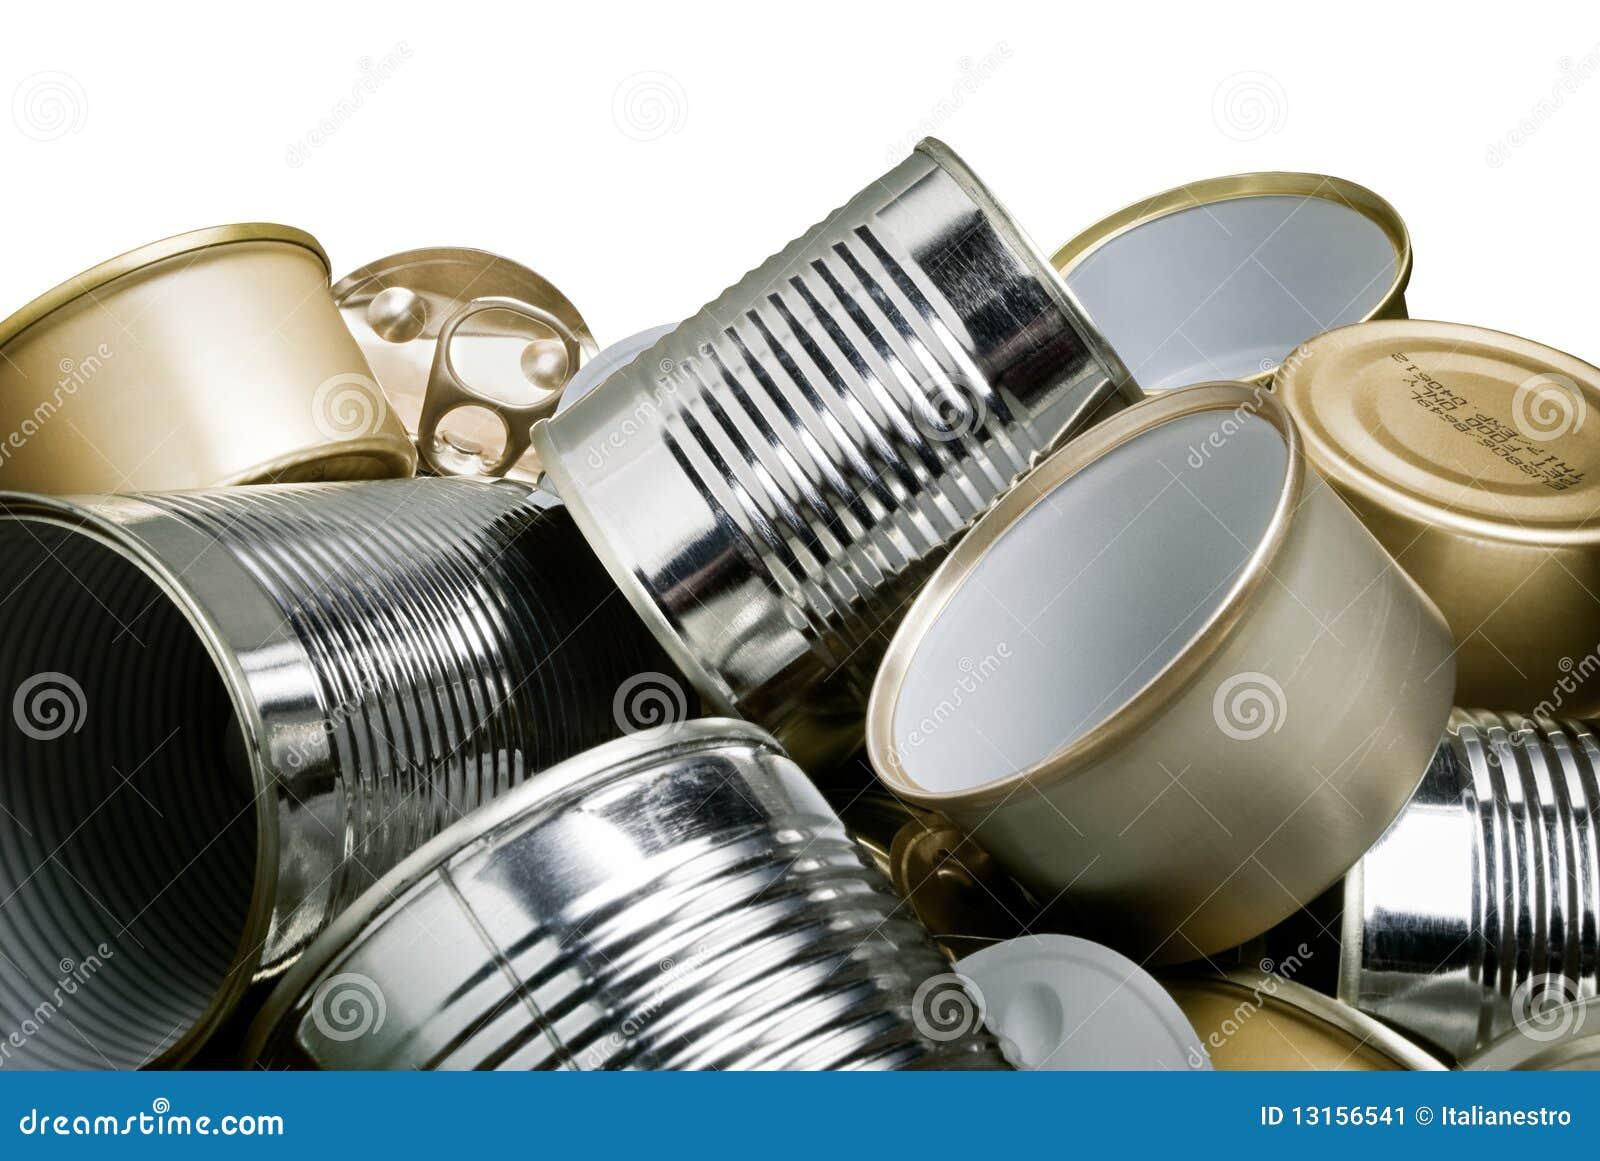 Boîtes en fer blanc pour la réutilisation